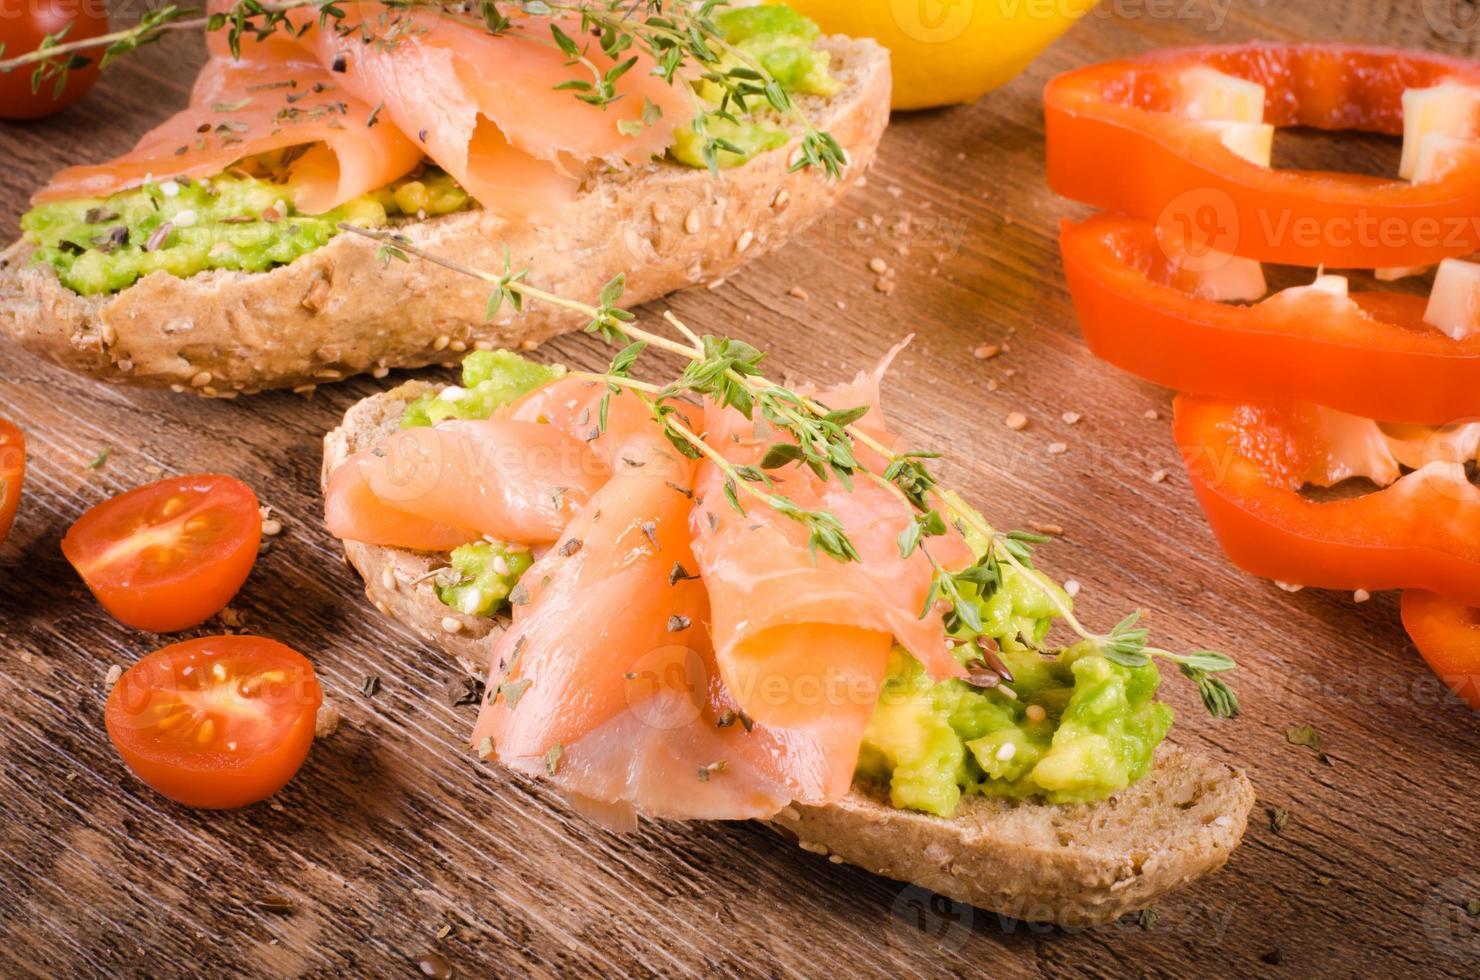 Frühstück: Avocado-Toast mit Lachs auf Holzhintergrund. foto